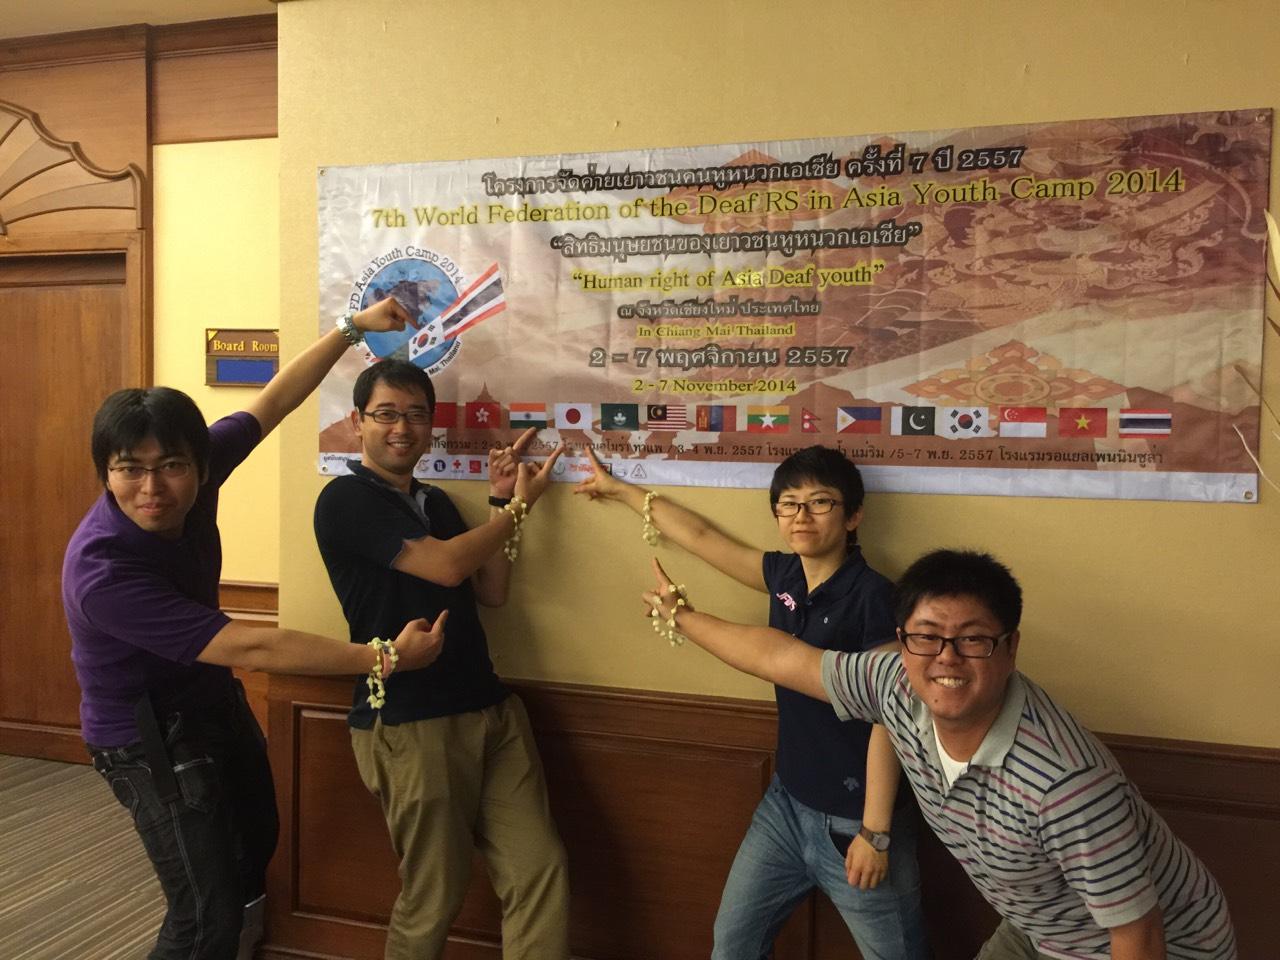 第7回アジアろう青年キャンプ